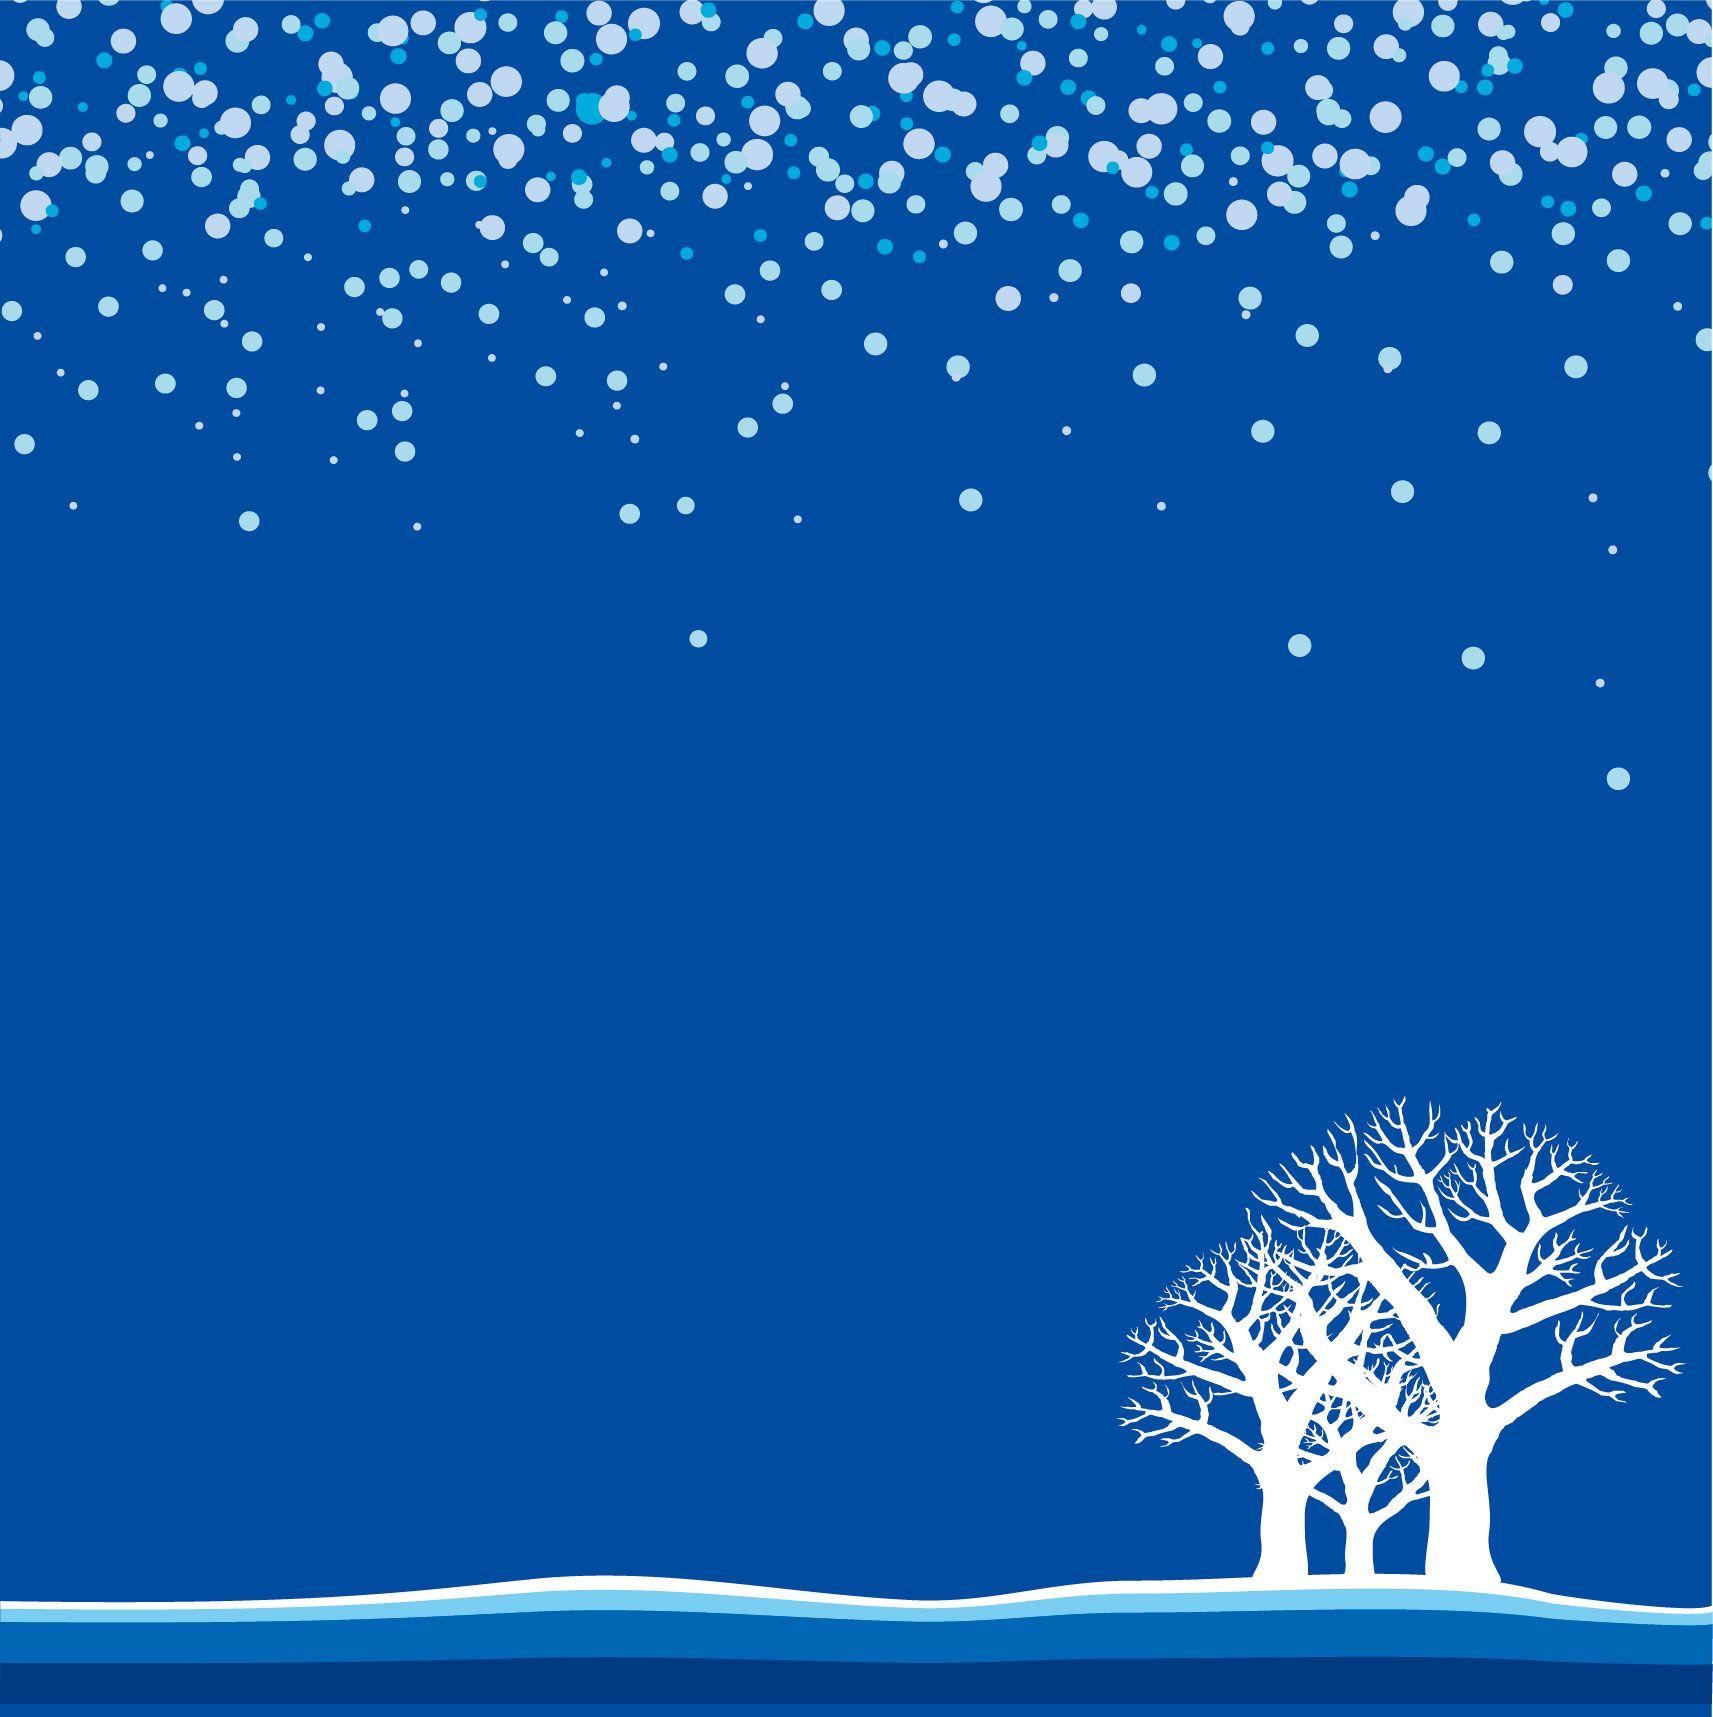 冬の画像サンプル-冬の木々と雪   季節〜冬、winter   pinterest   雪